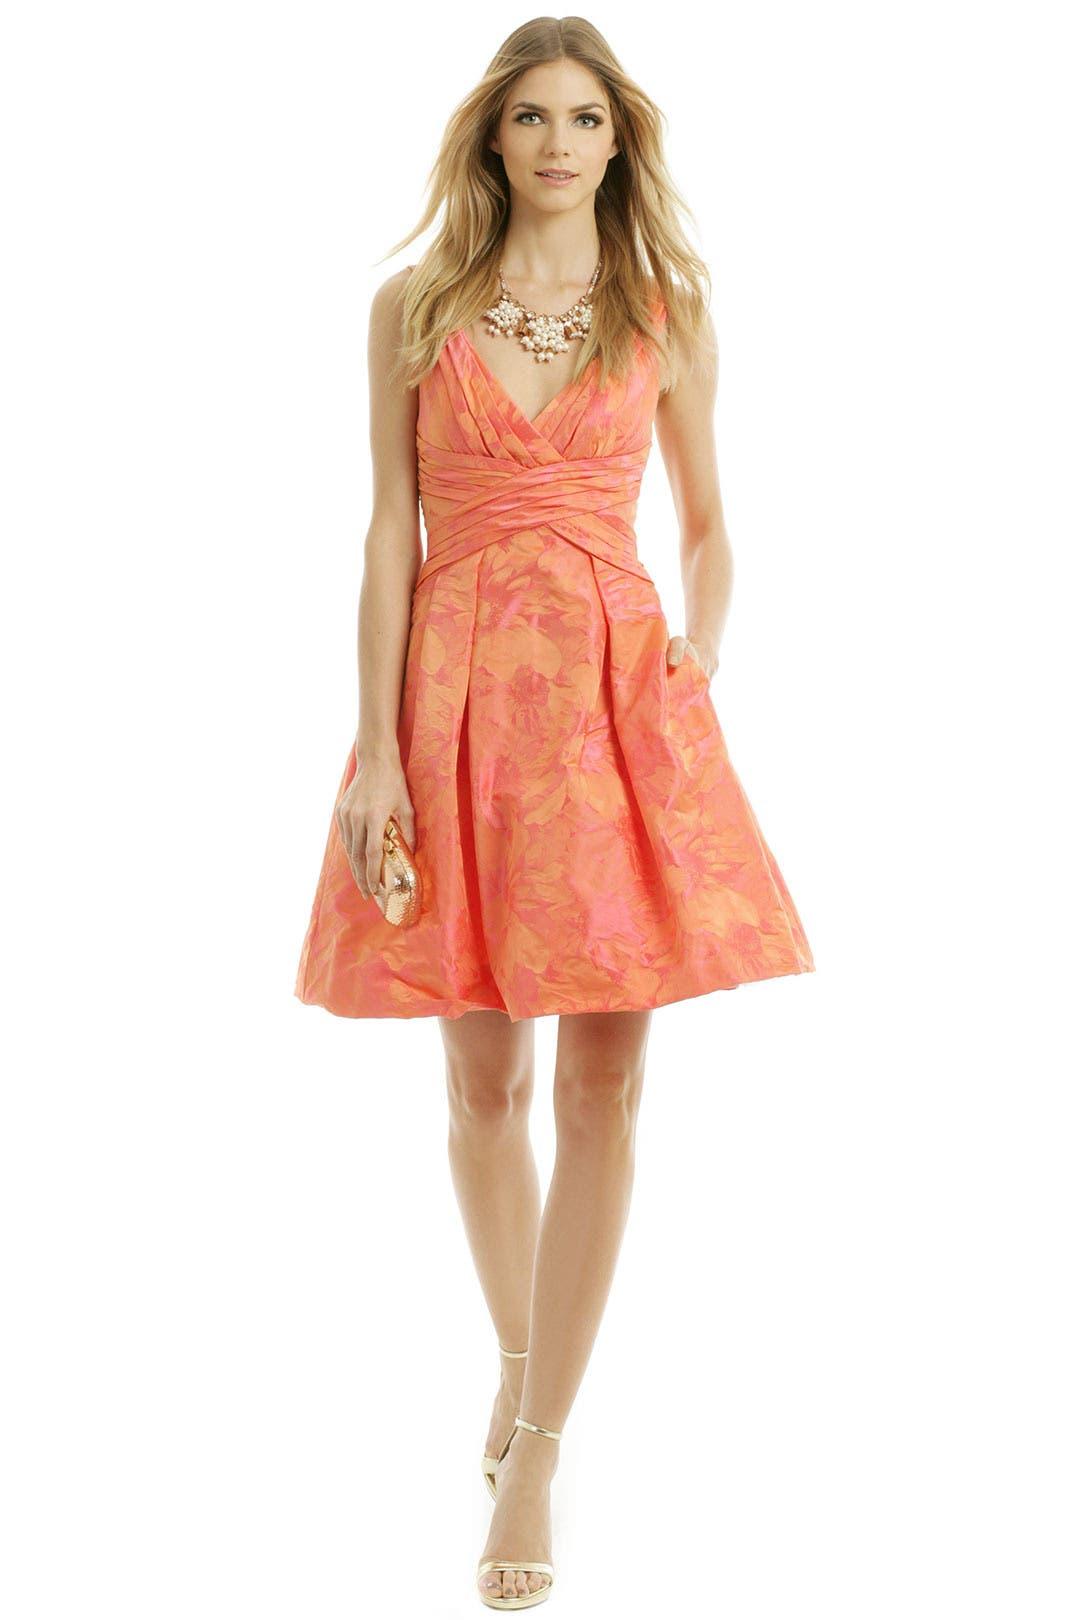 Molokai Sun Dress by Theia